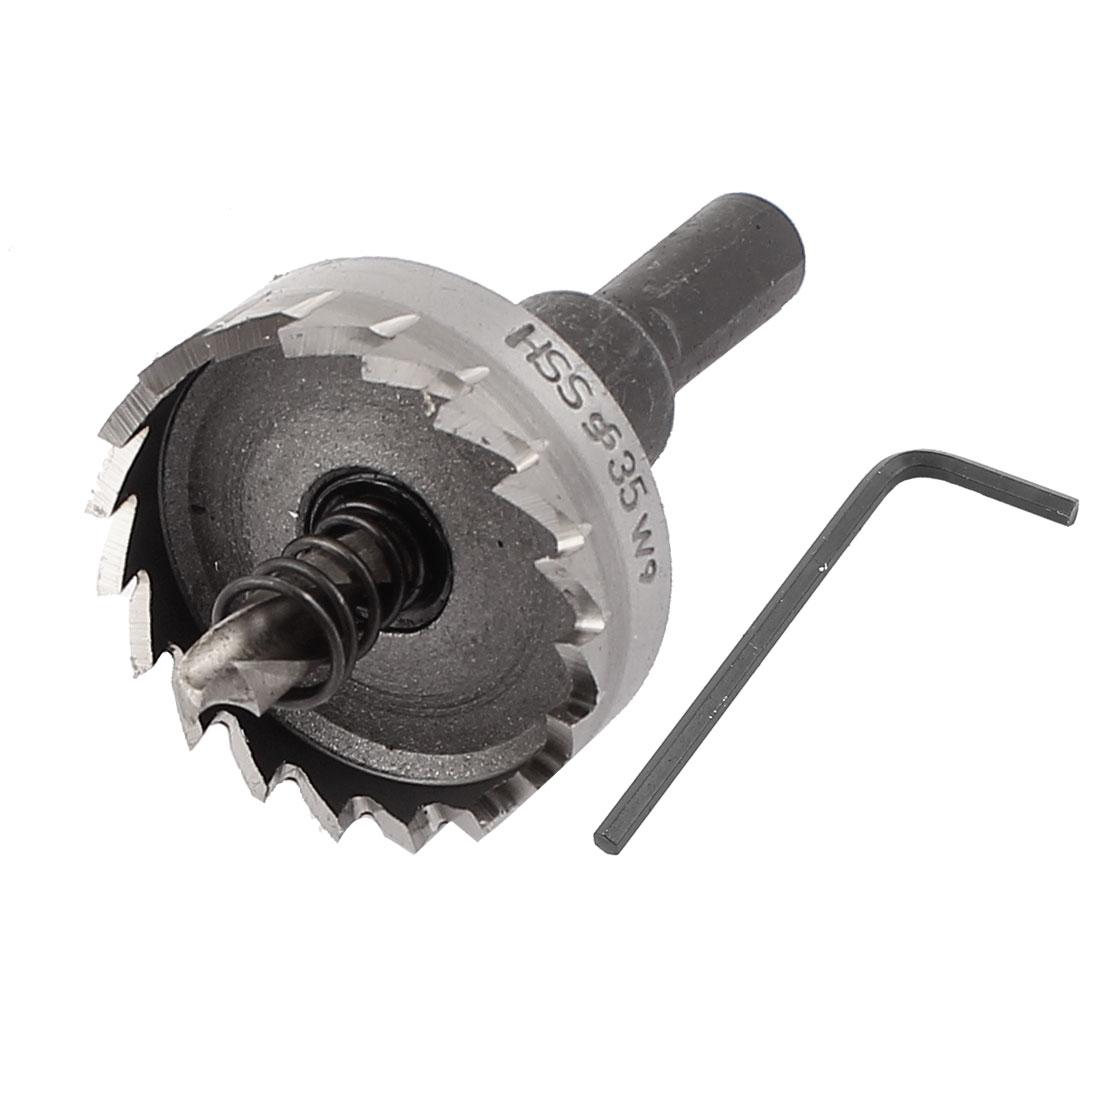 Metal 35mm Cutting Dia 9mm Shank Dia Twist Drill Bit Carbide Hole Saw Cutter Tool